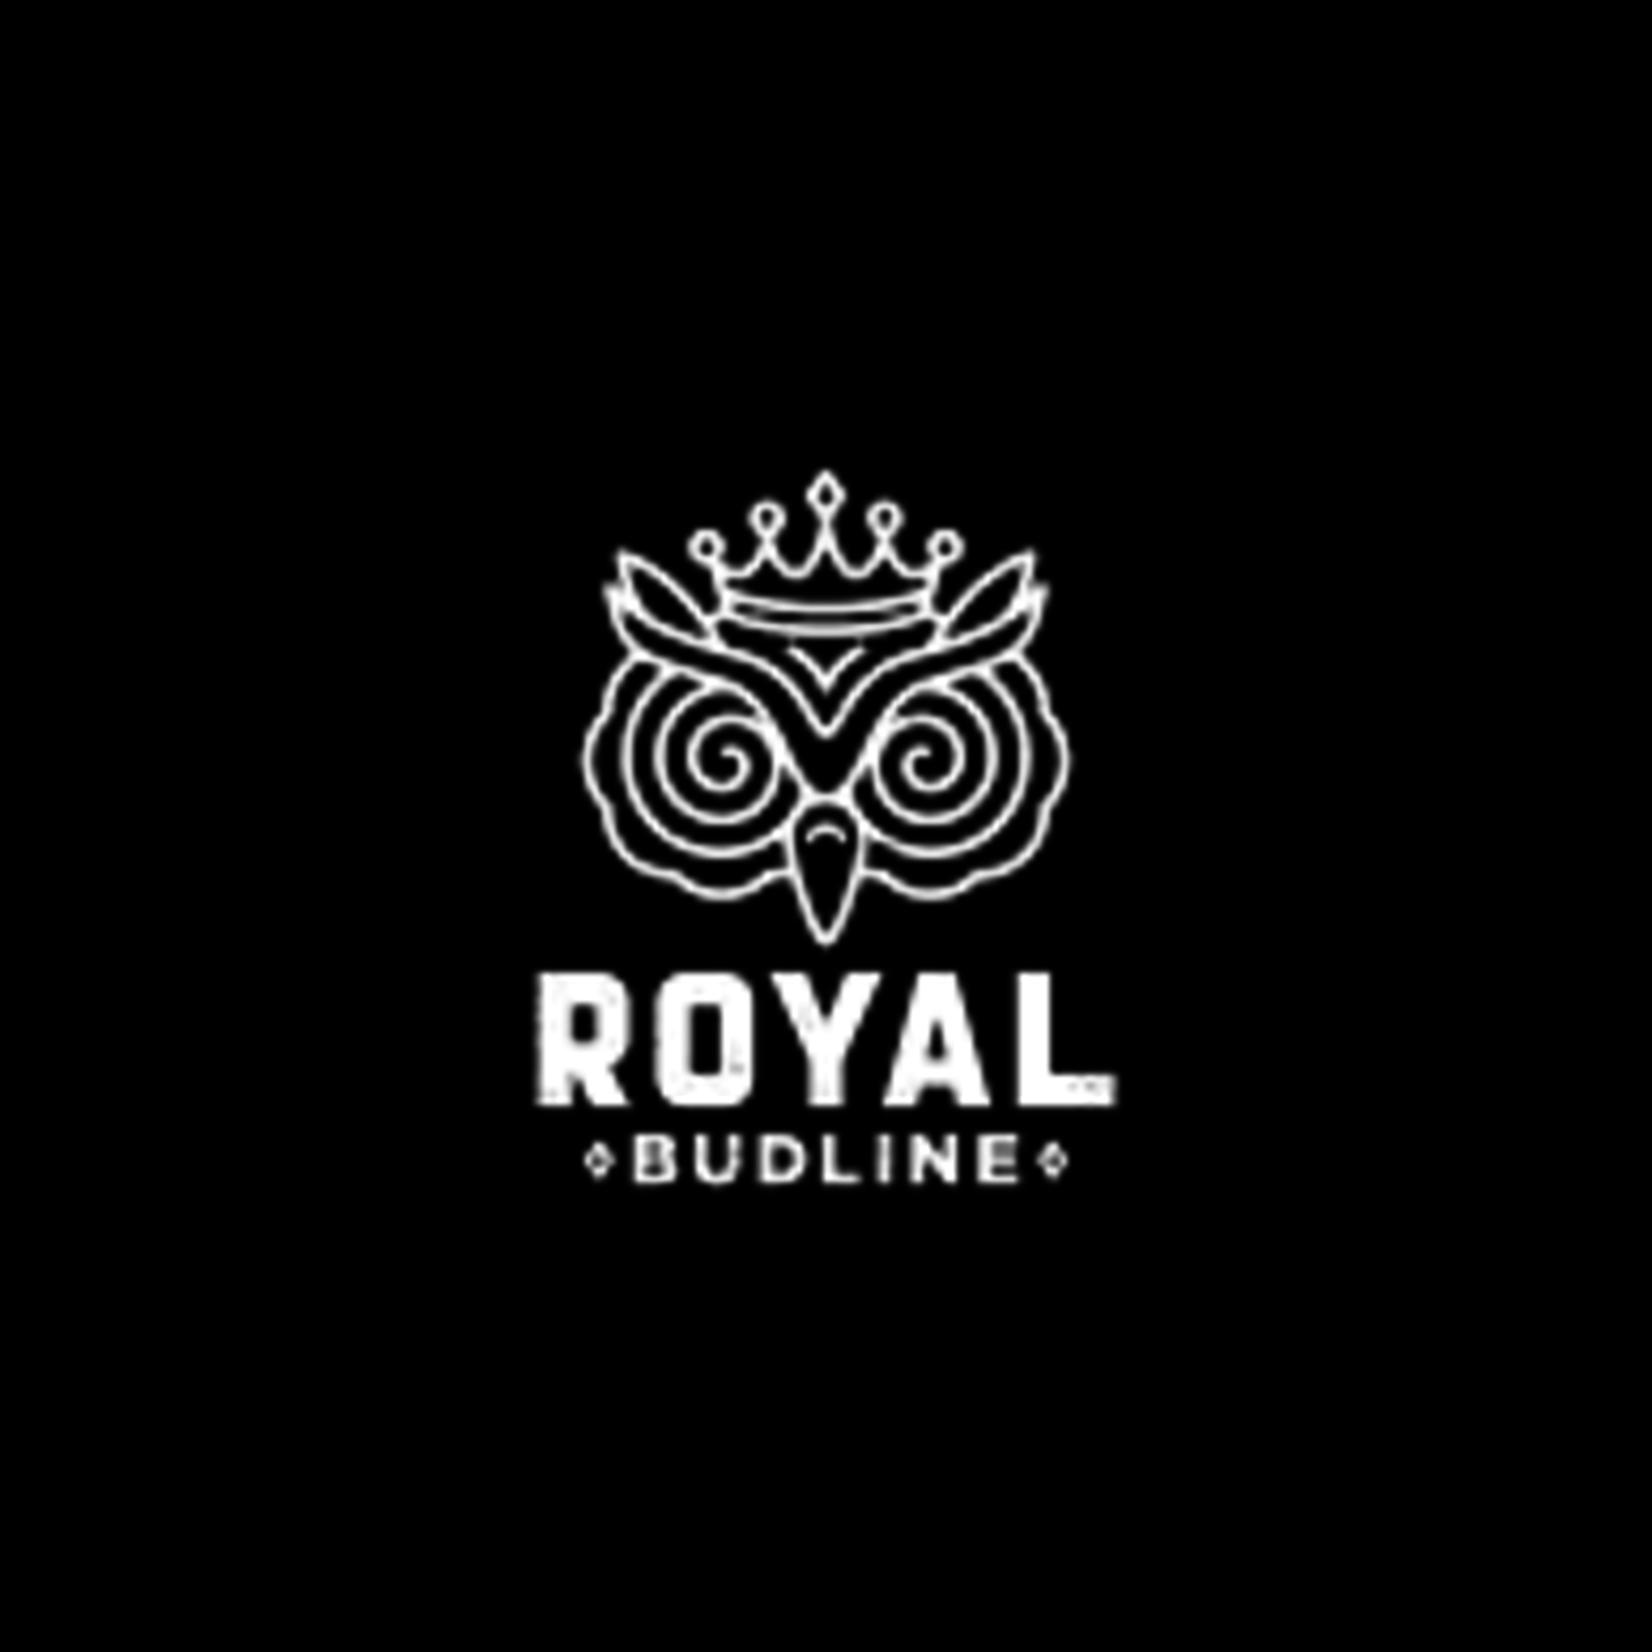 Royal Budline / Papaya